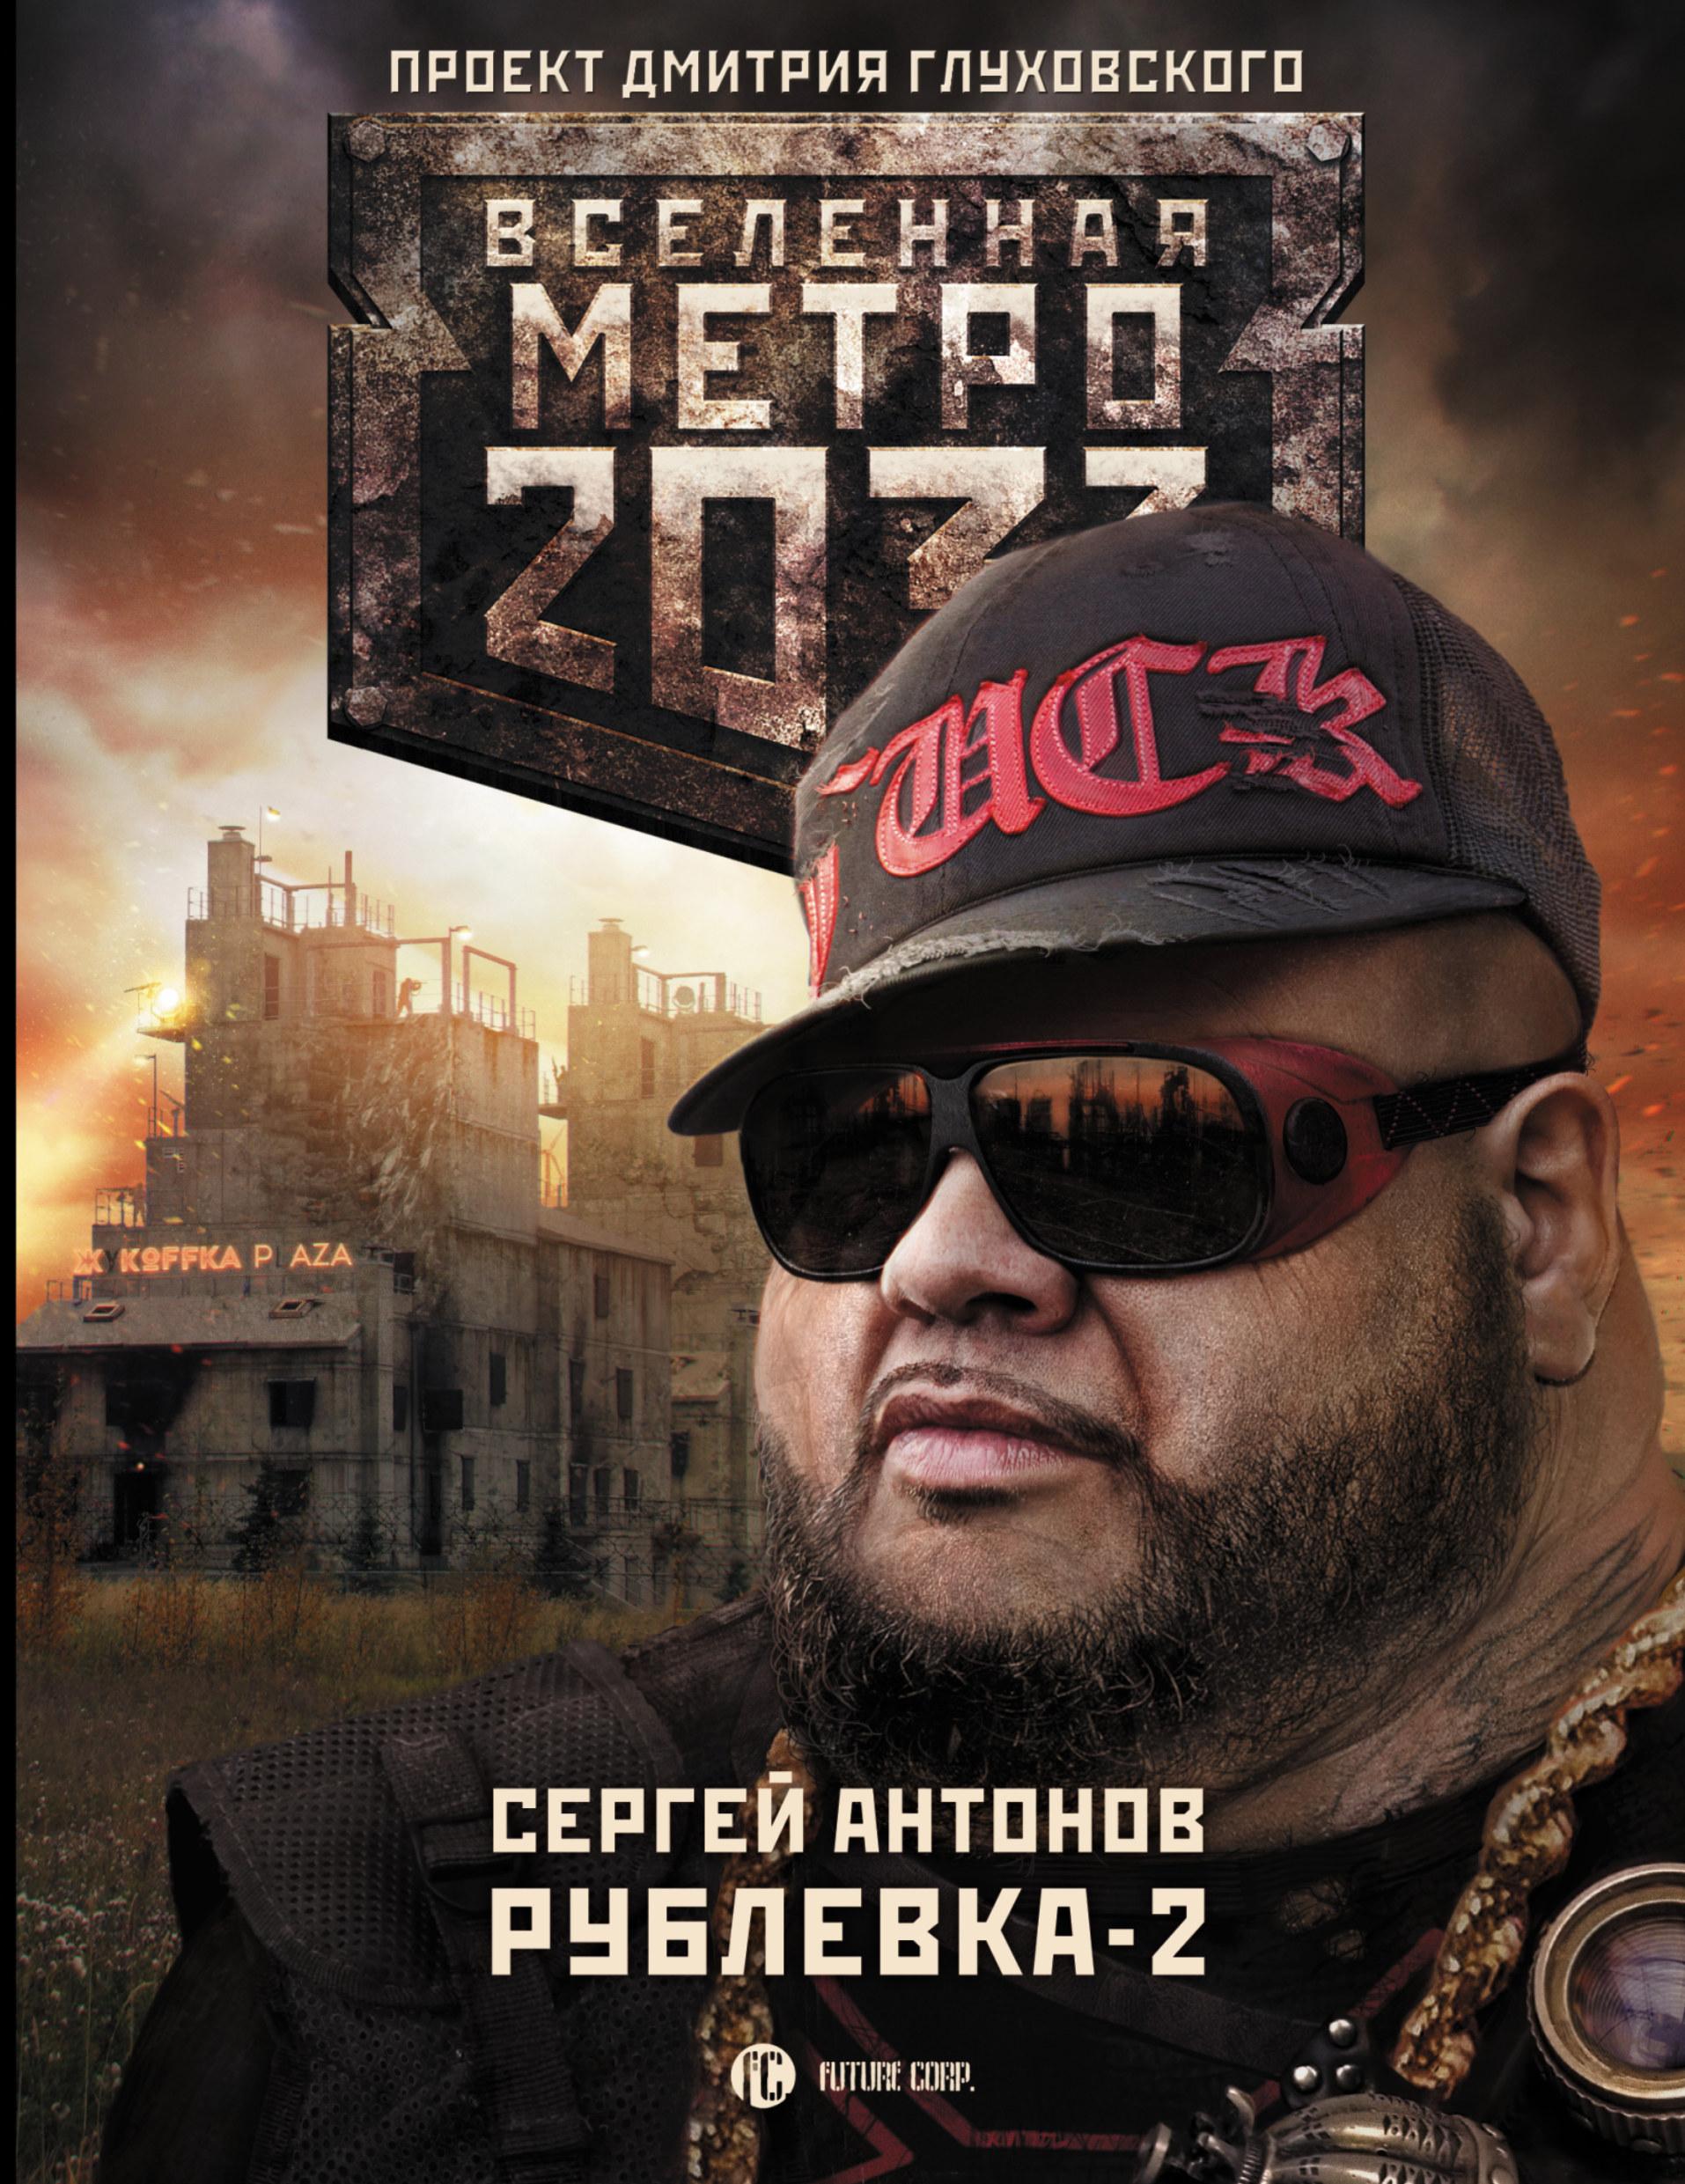 Антонов С.В. Метро 2033: Рублевка-2. Остров Блаженных